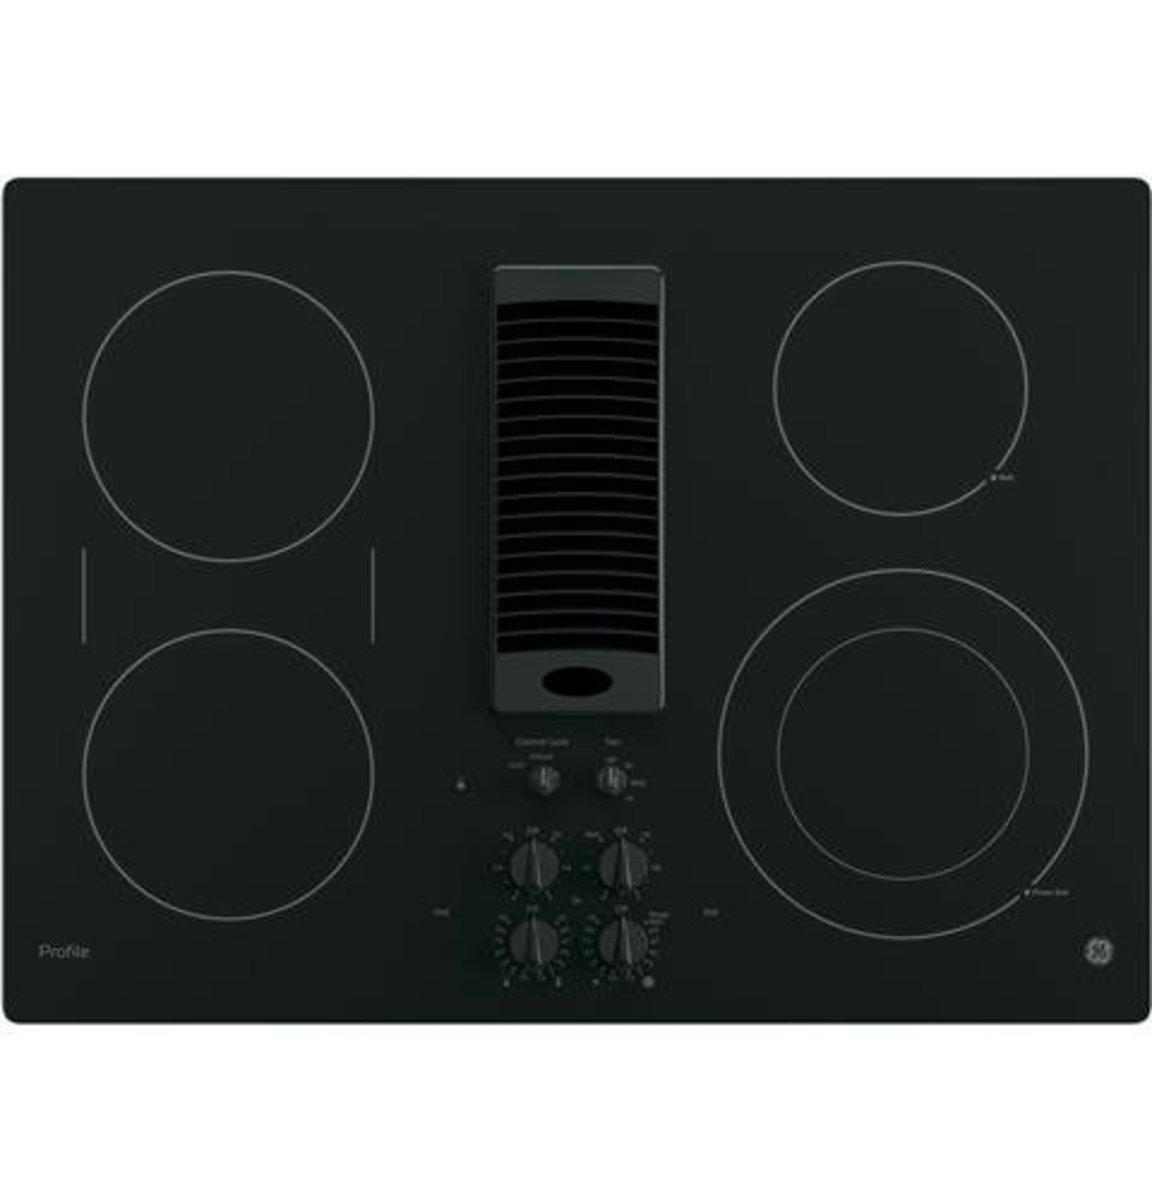 The GE PP9830DJBB Downdraft Electric Cooktop